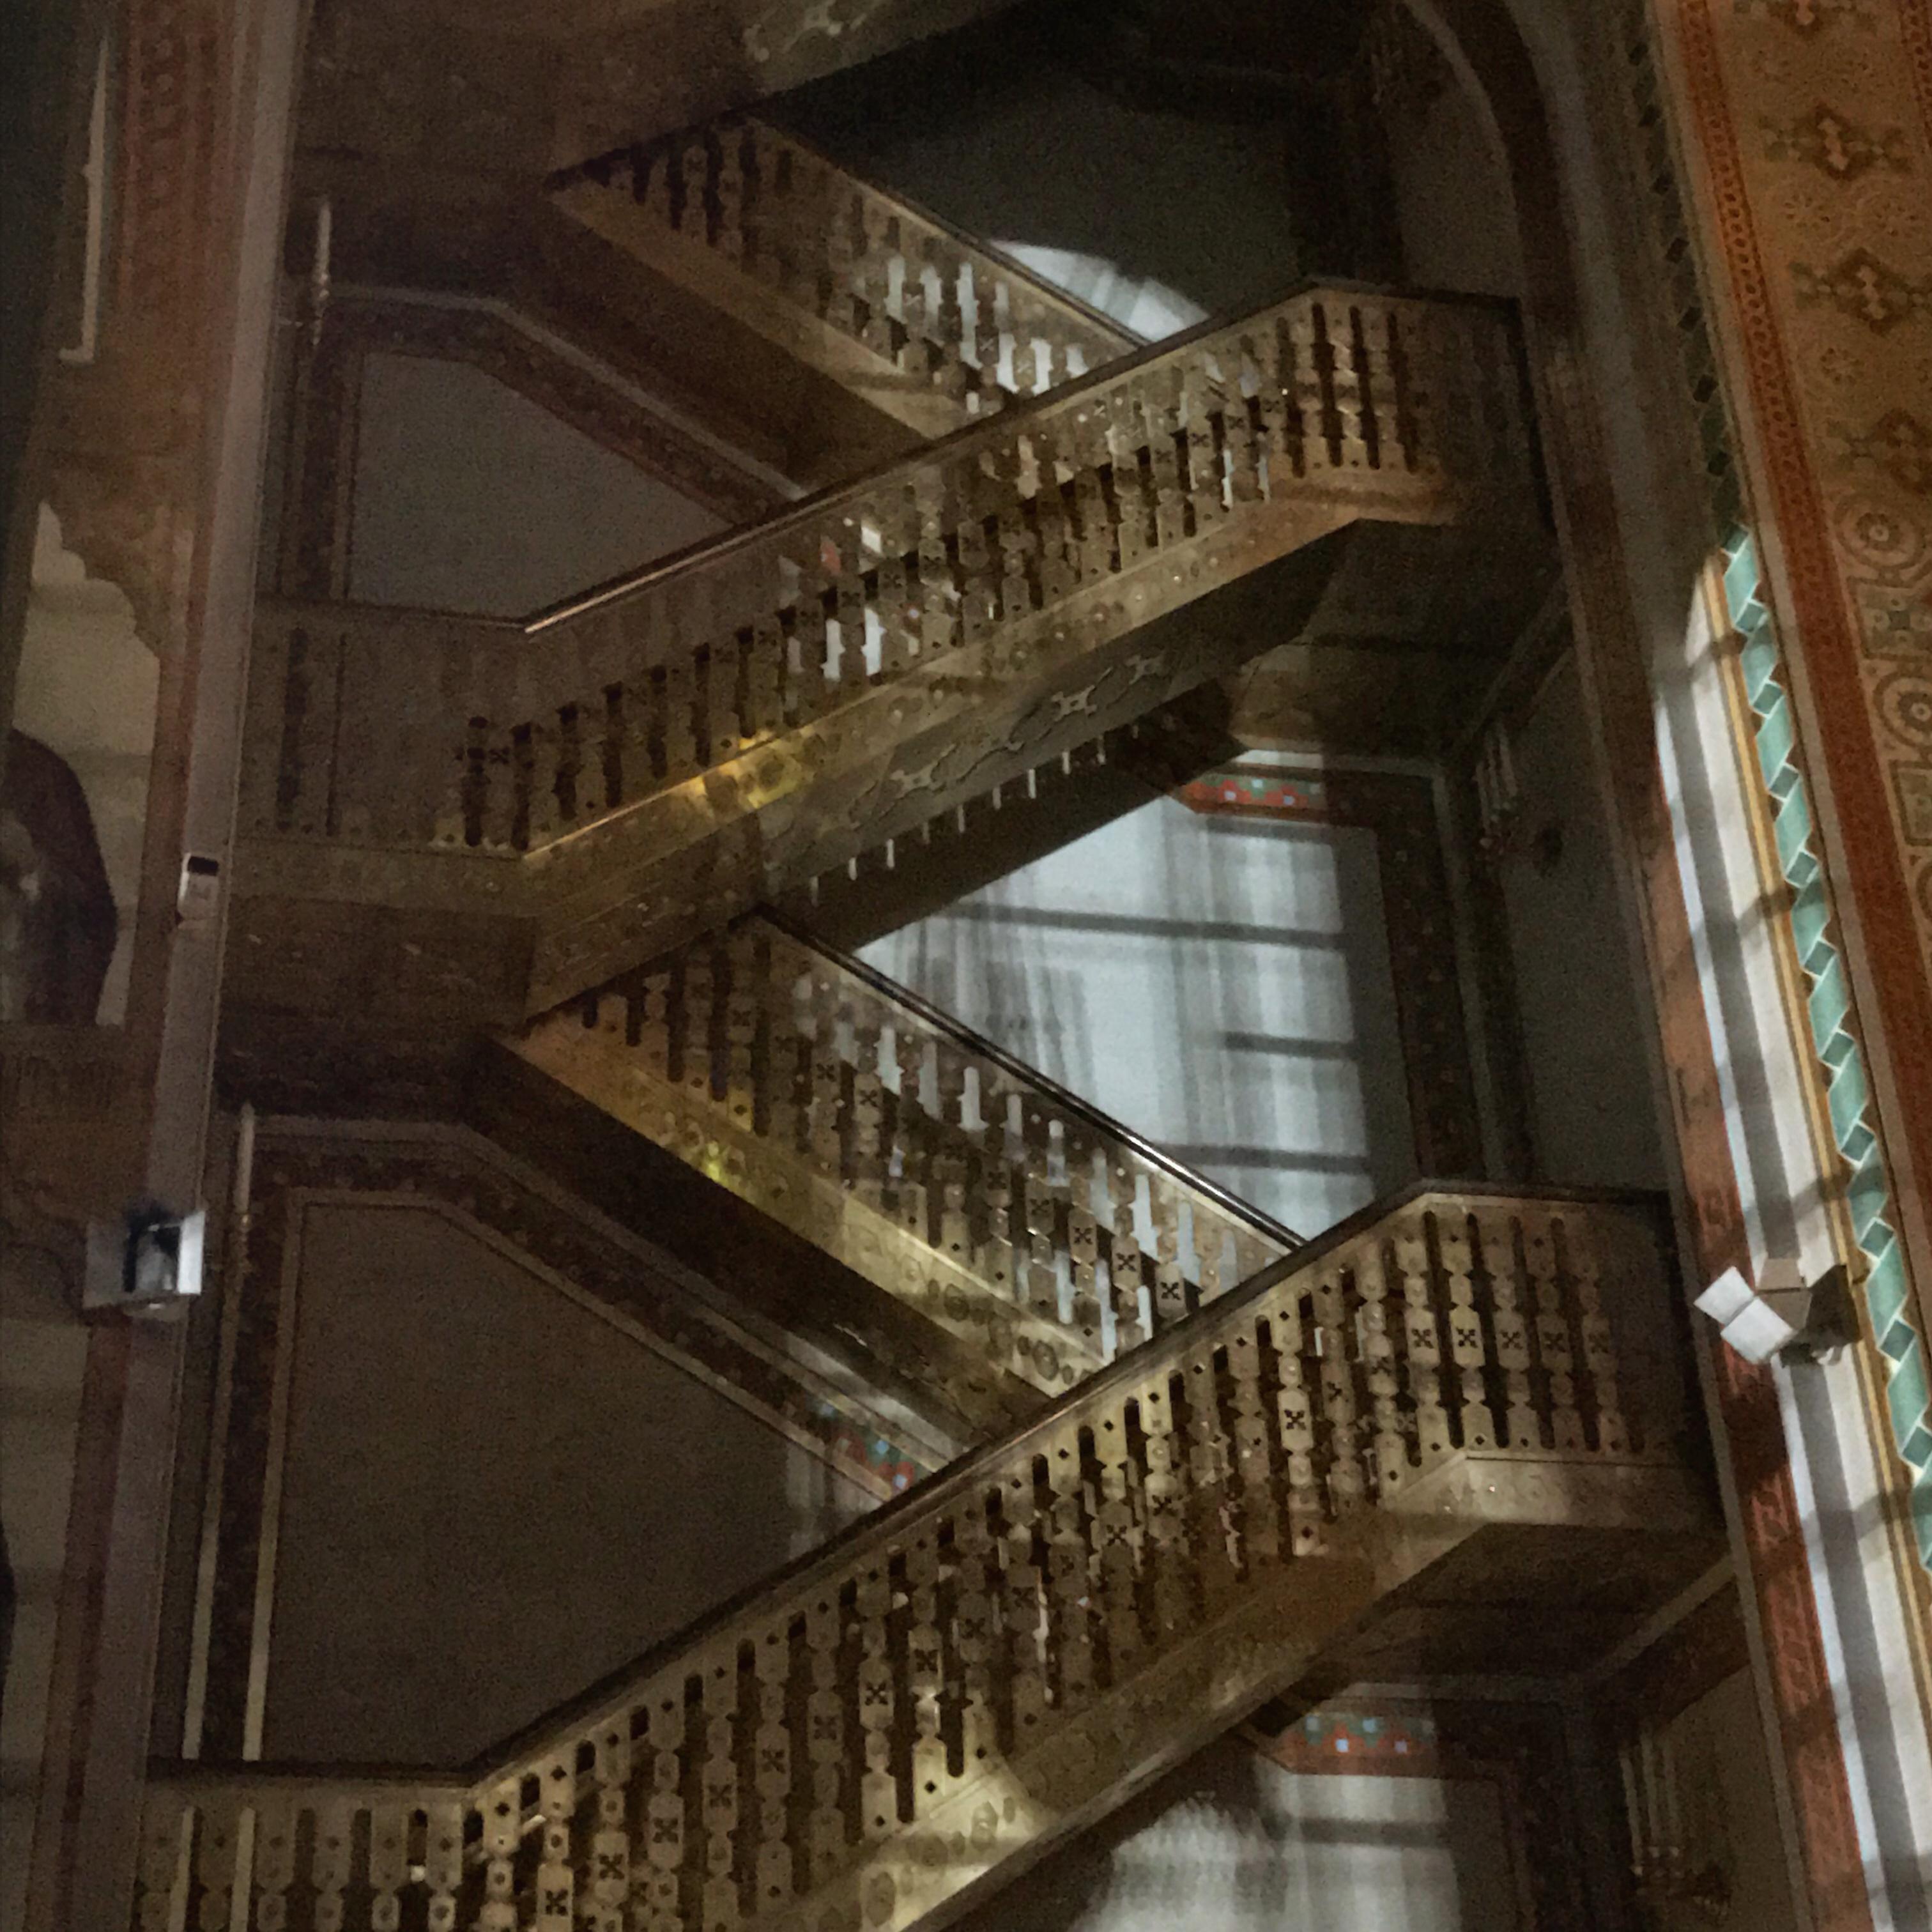 Von draußen fällt Licht auf die Treppenstufen